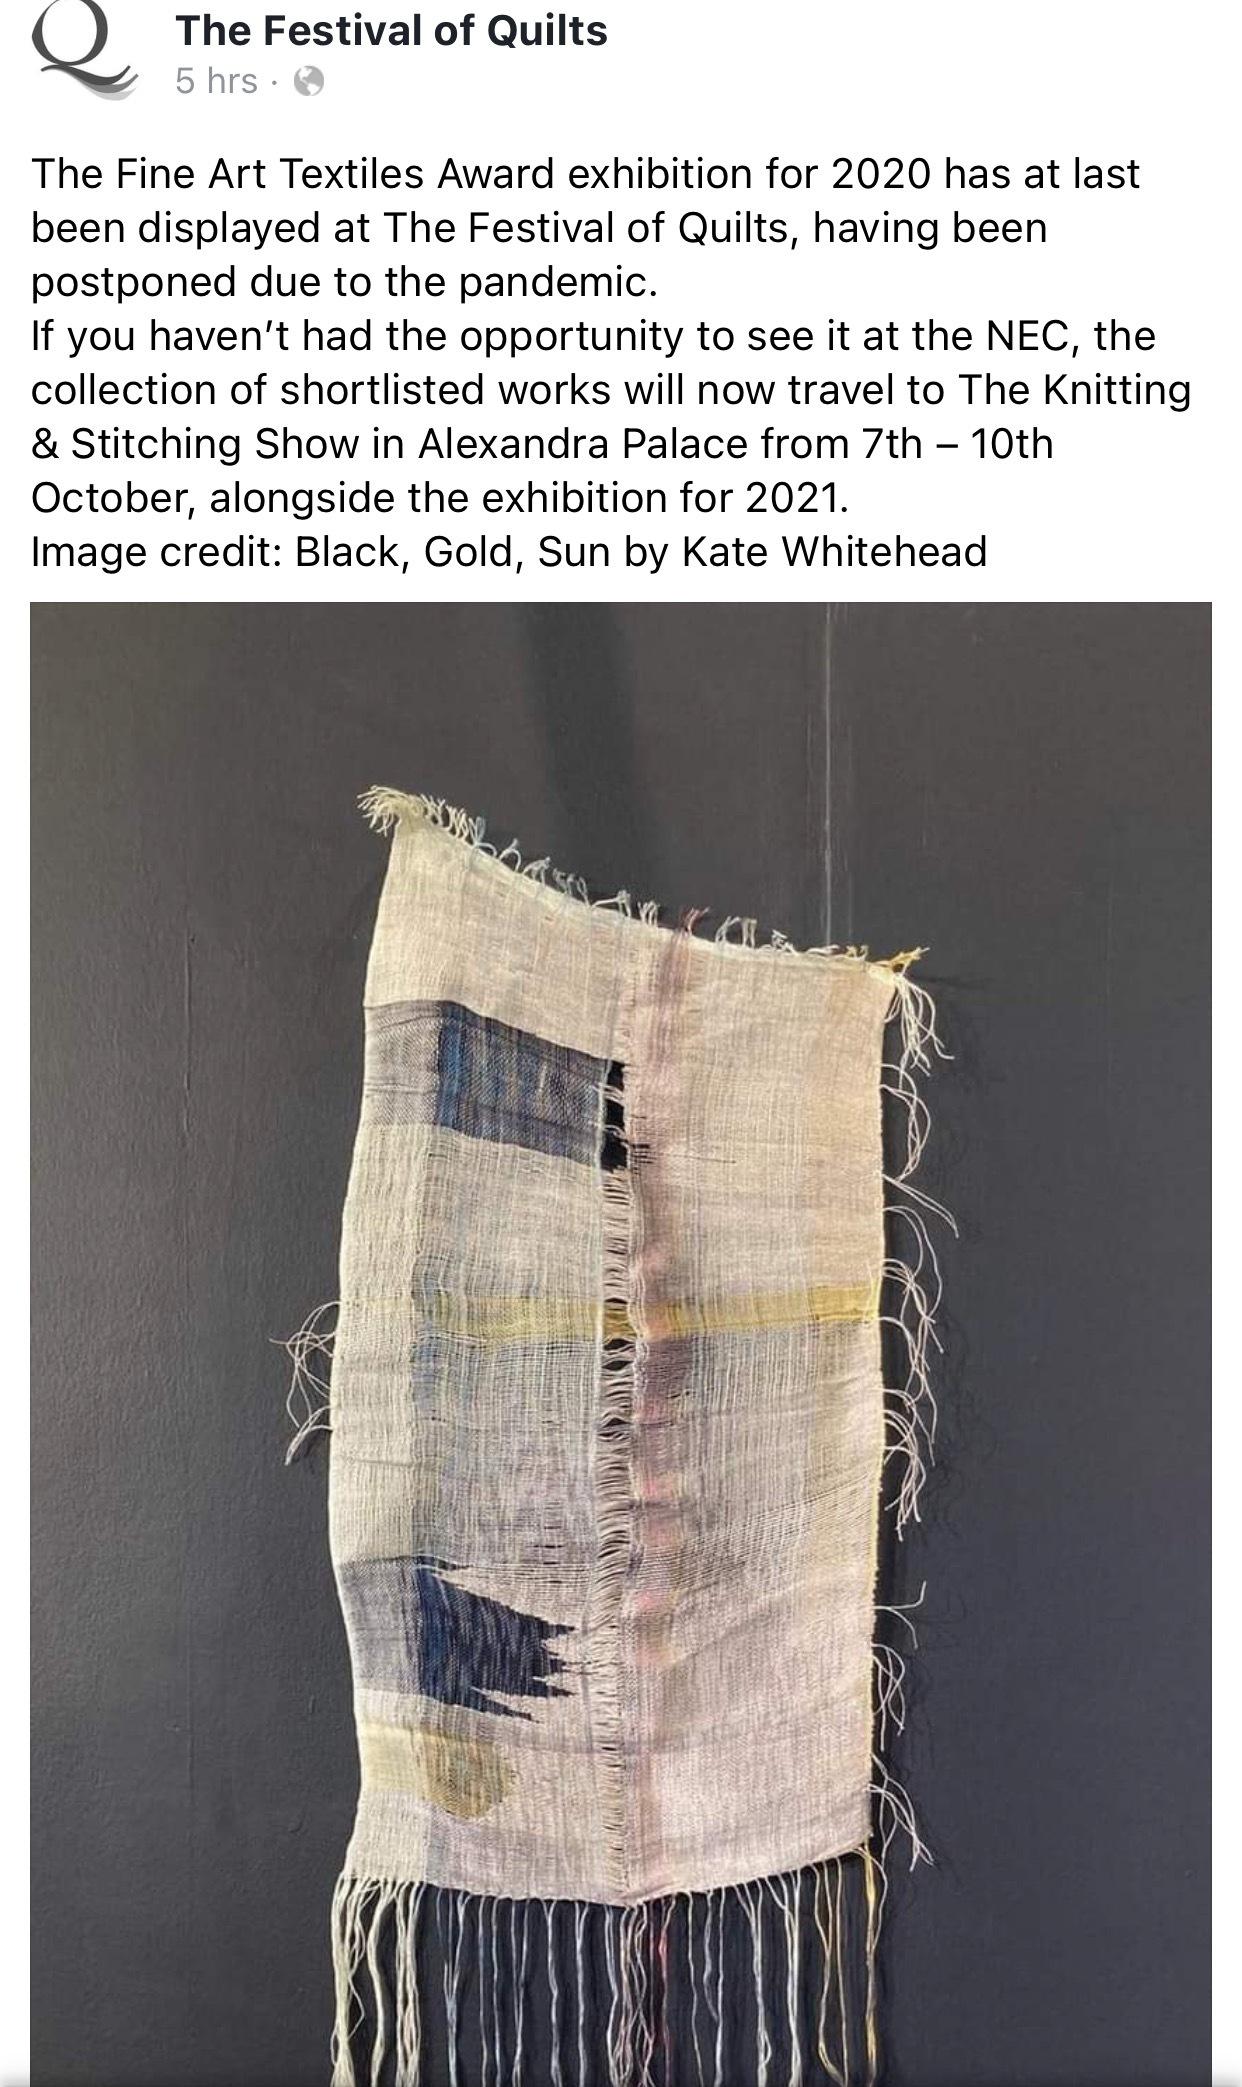 The Fine Art Textiles Exhibition 2020 & 2021